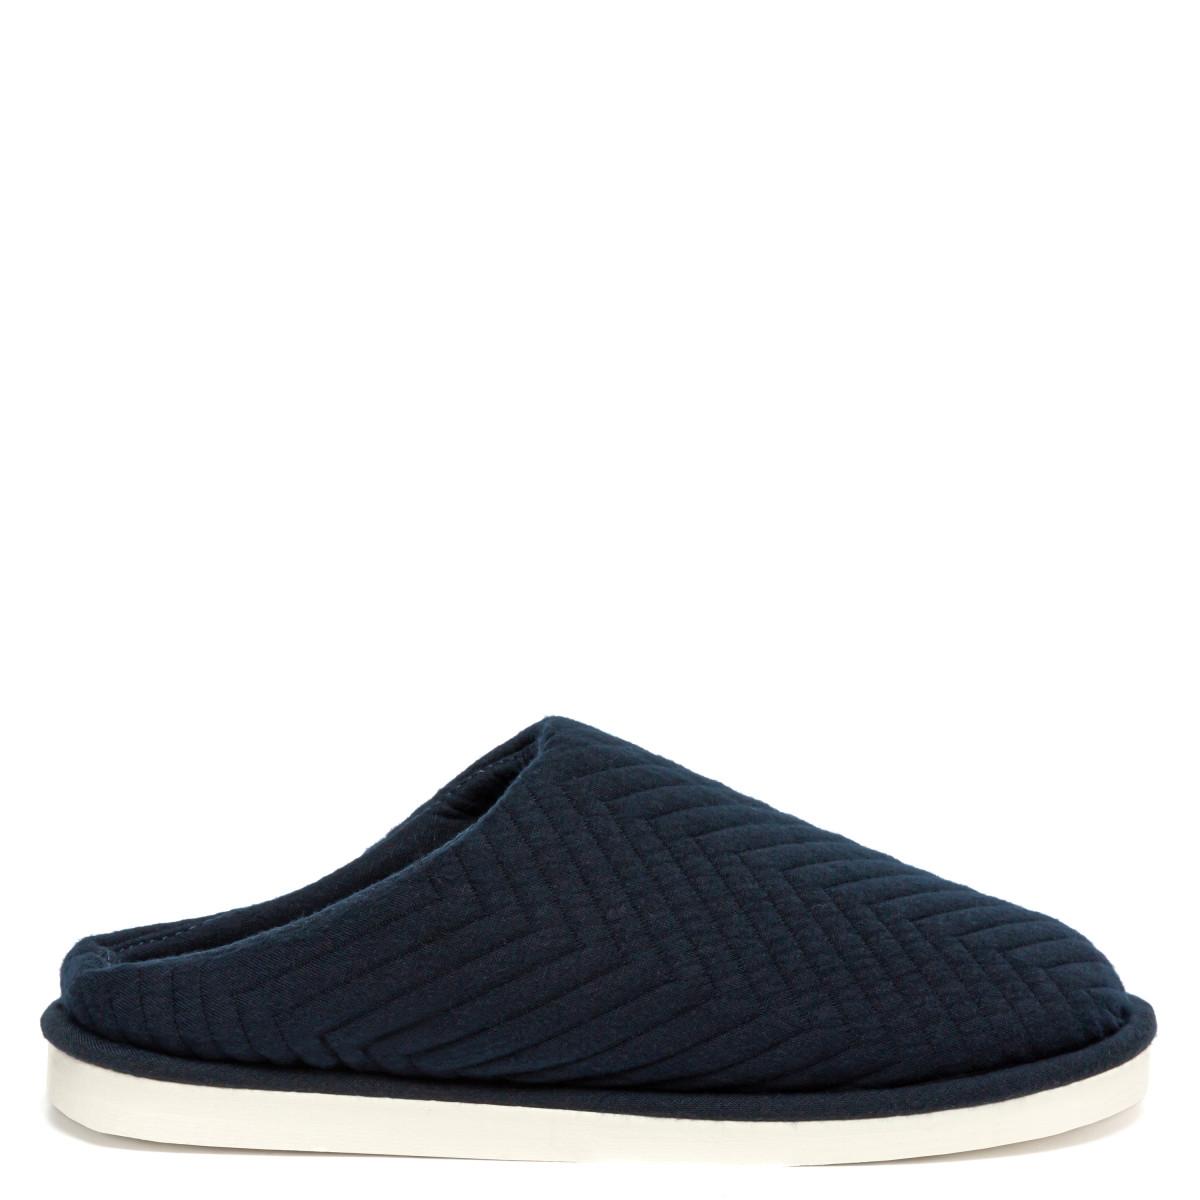 Men's Home slippers FAMILY, Navy